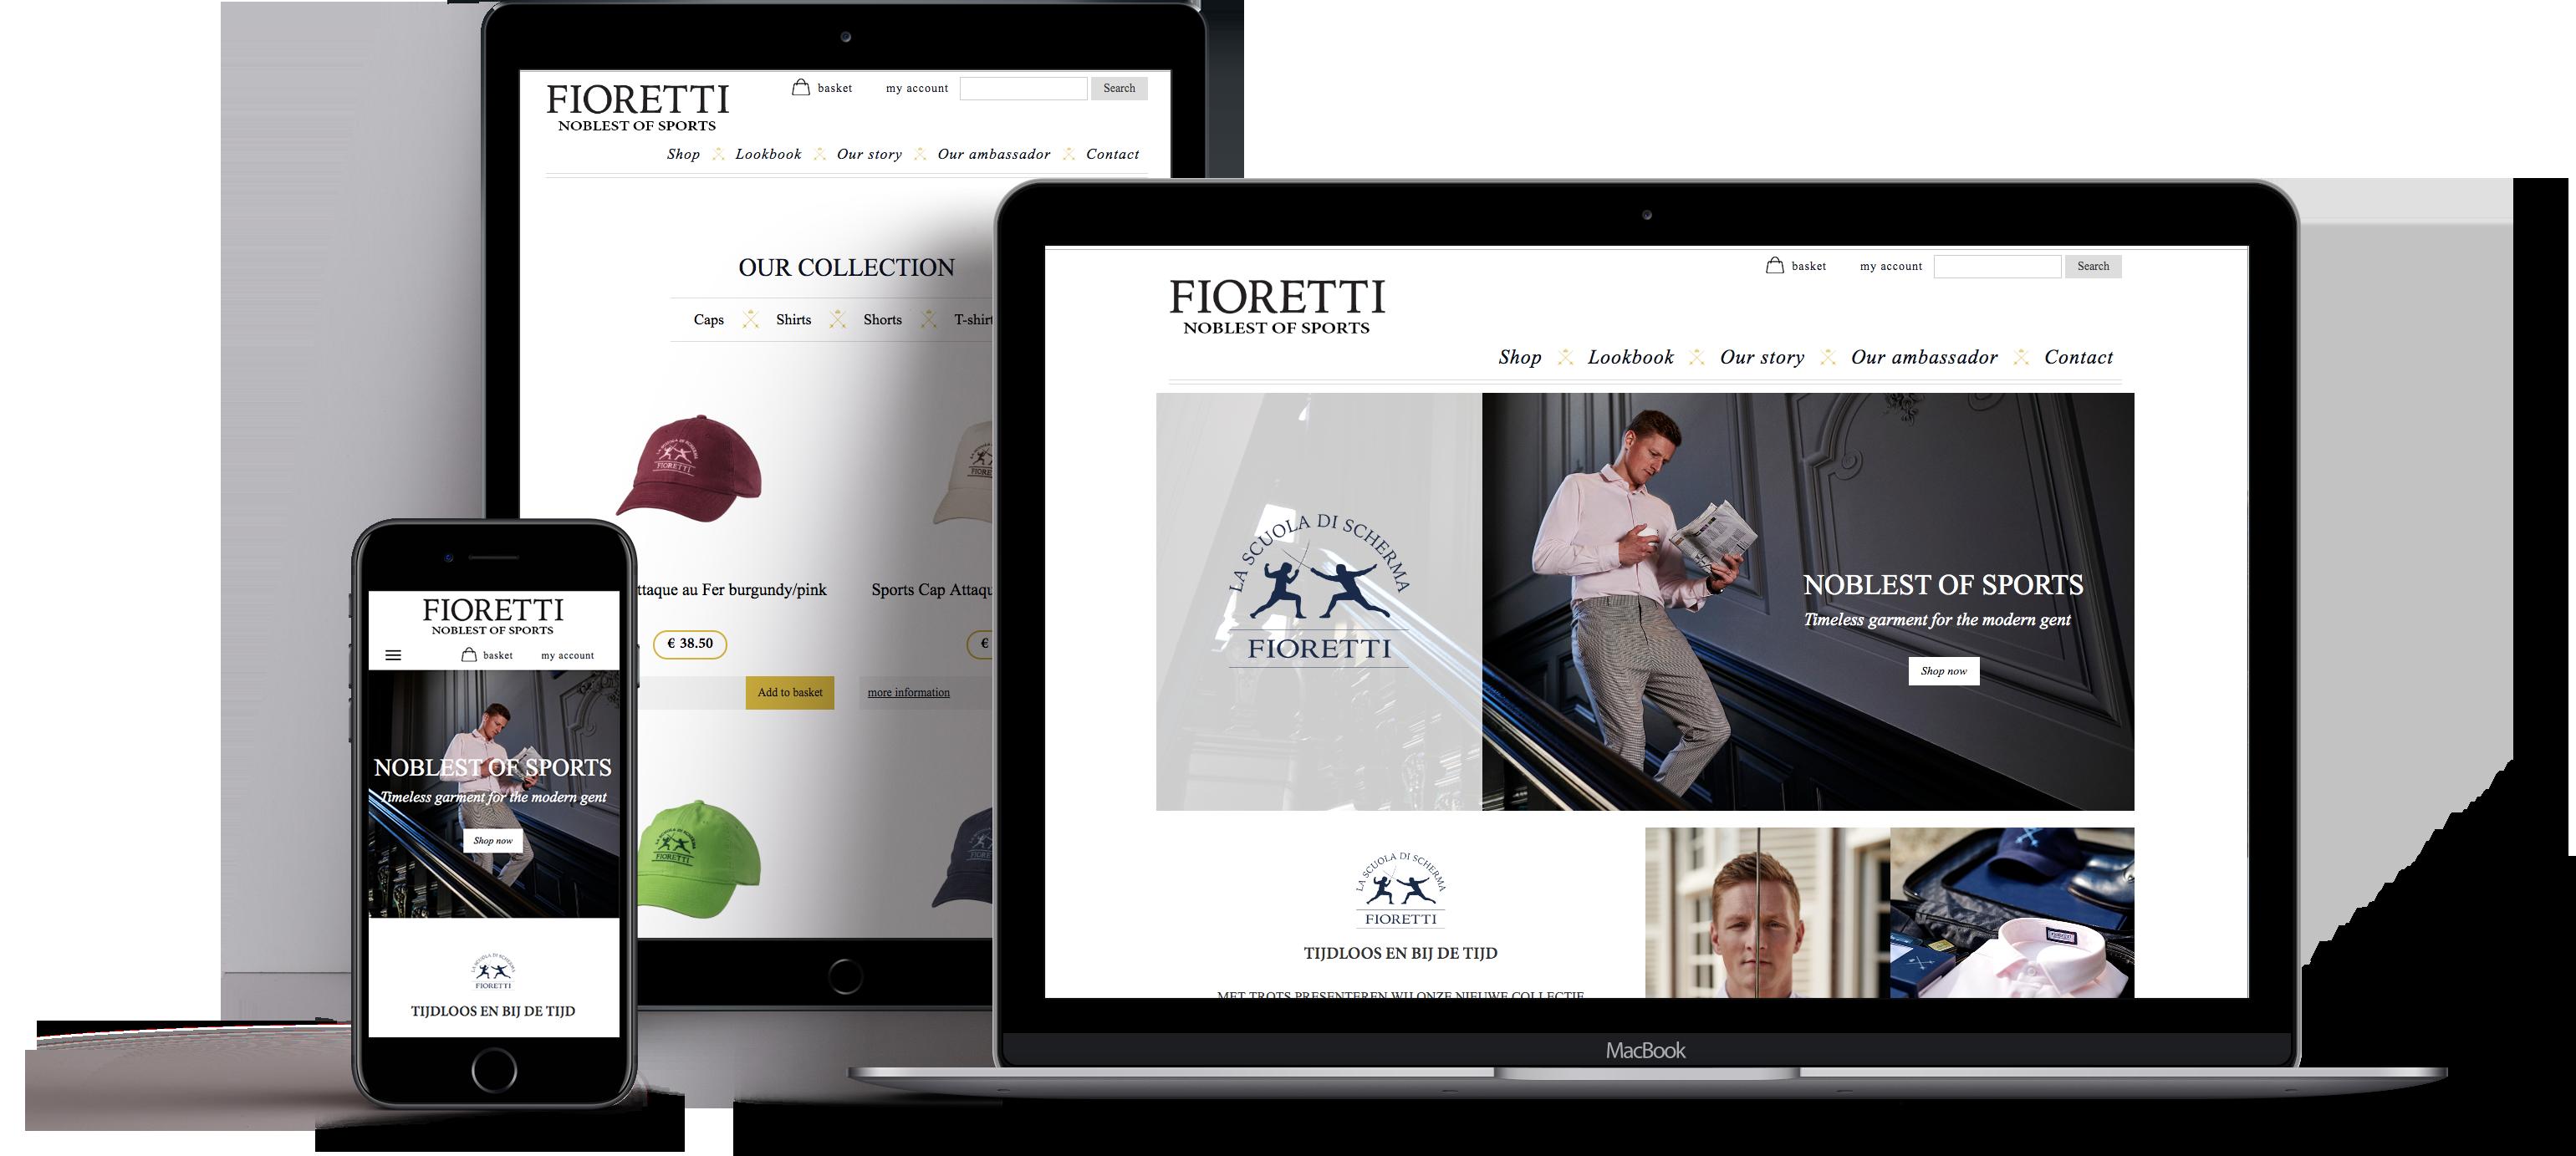 Fioretti homepage